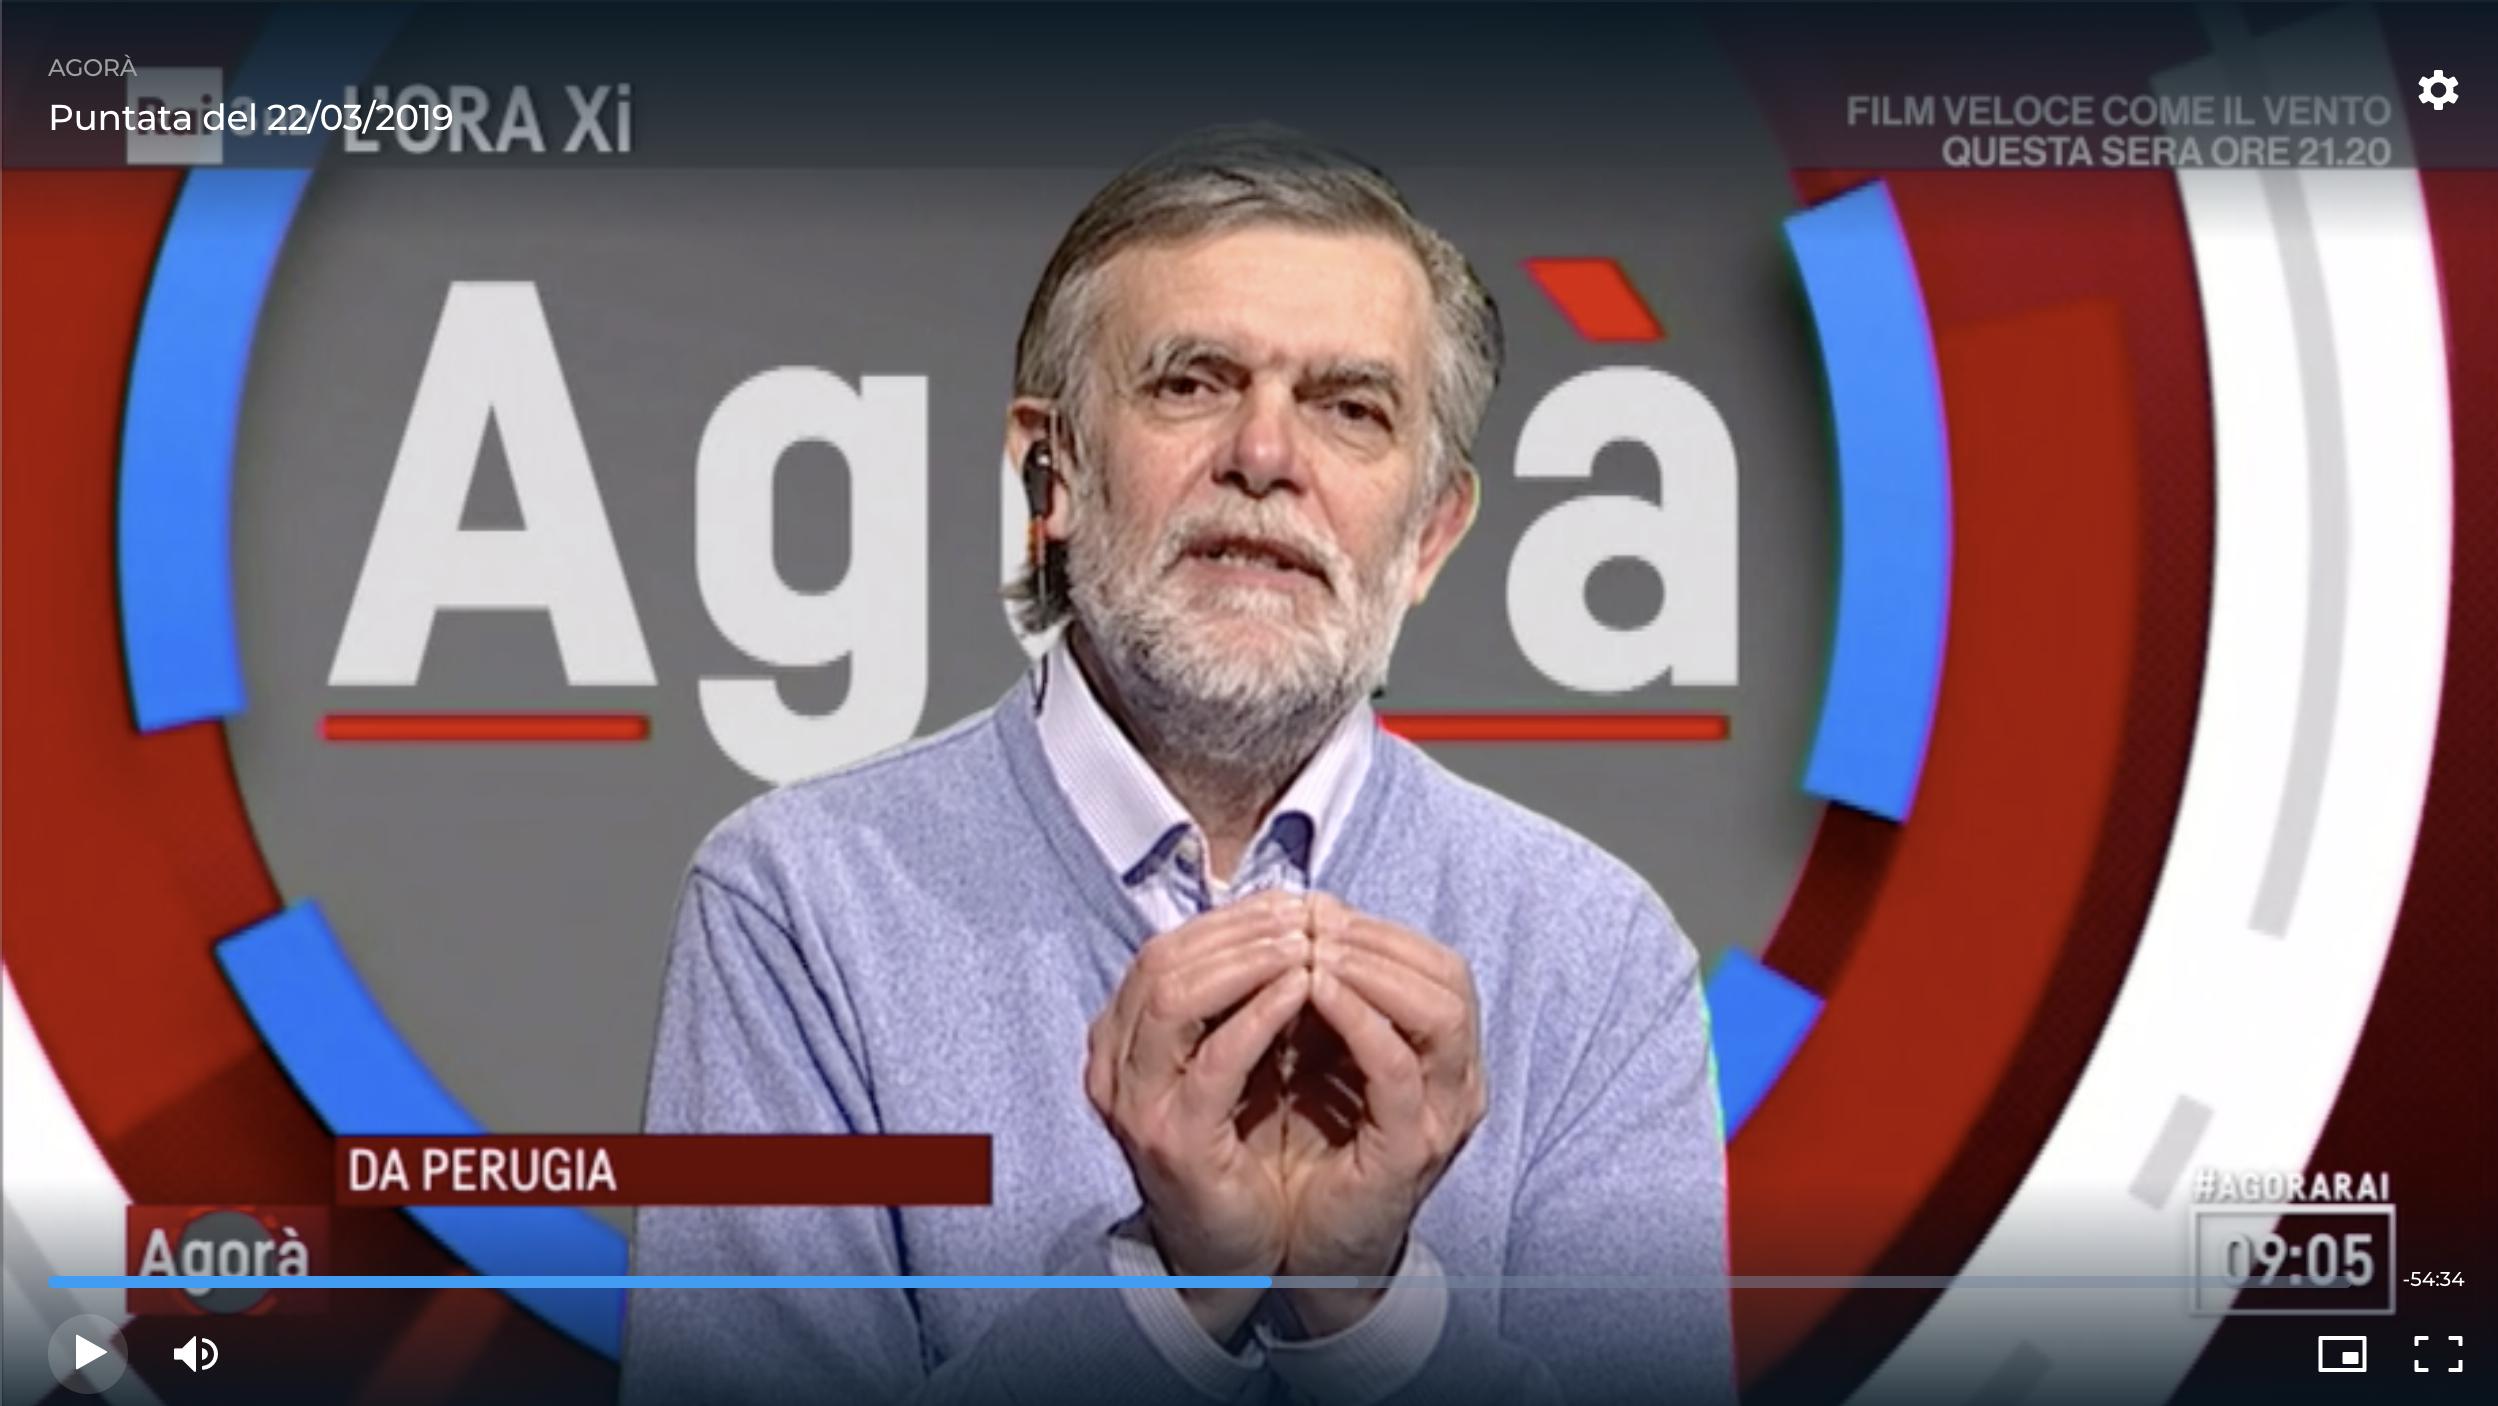 Jacopo Fo ospite ad Agorà - puntata del 22/03/2019